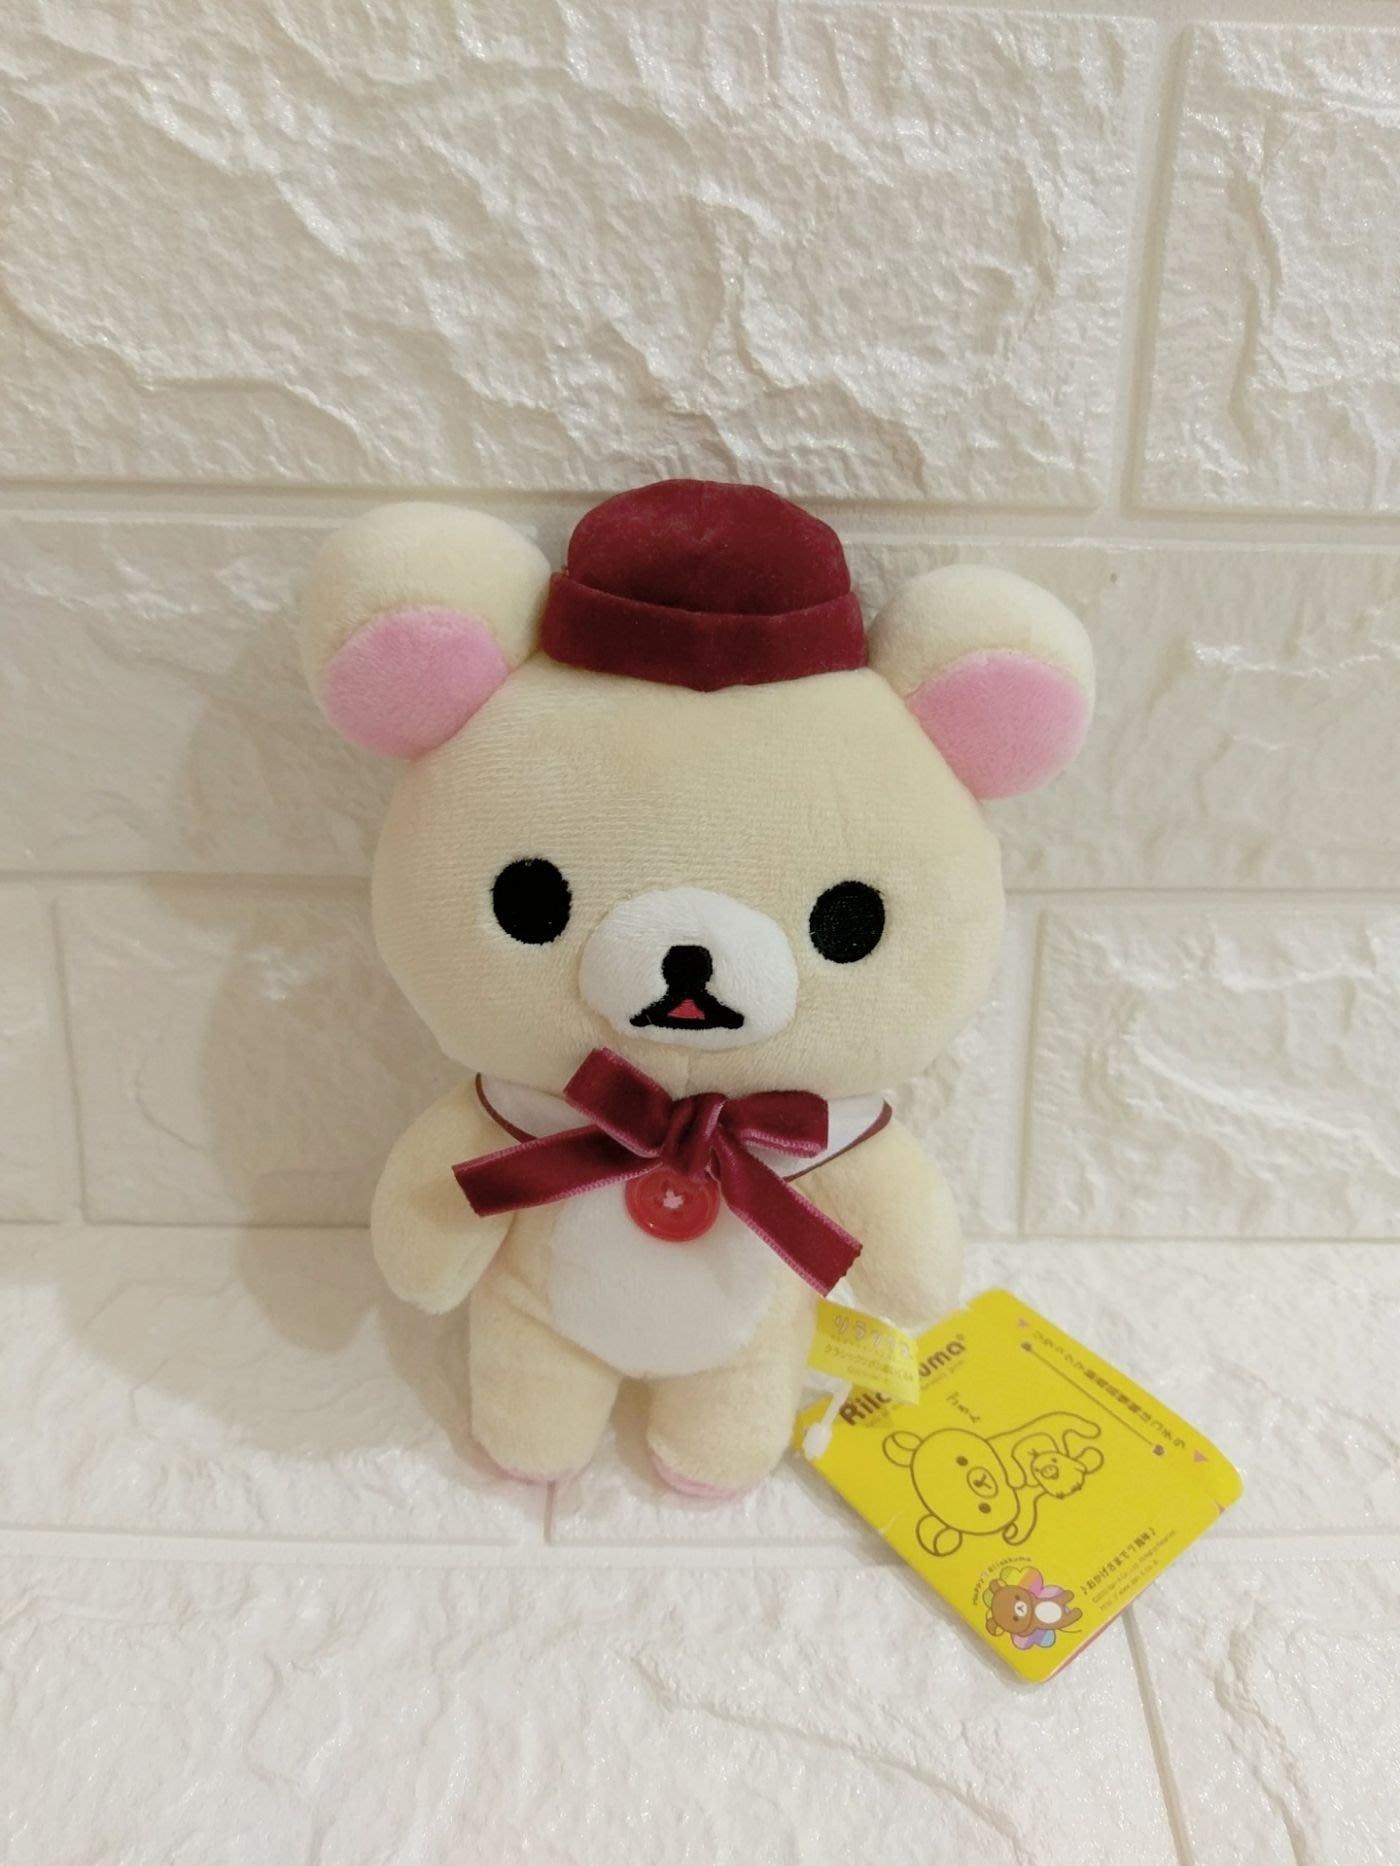 san-x rilakkuma 拉拉熊 懶妹娃娃